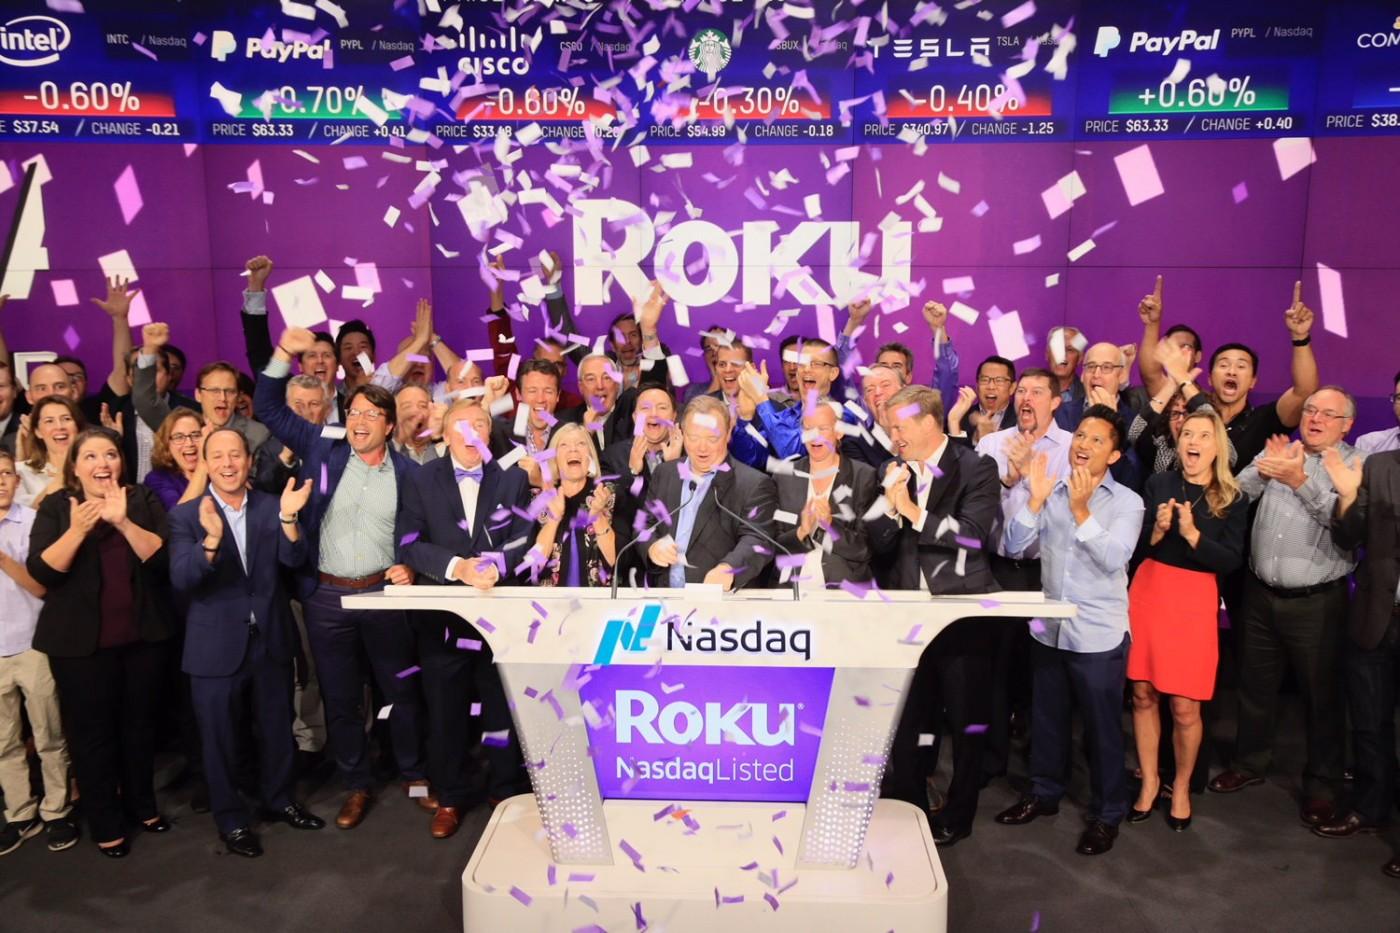 2017年科技IPO以Roku最風光,而2018年又將迎來那些上市新兵?